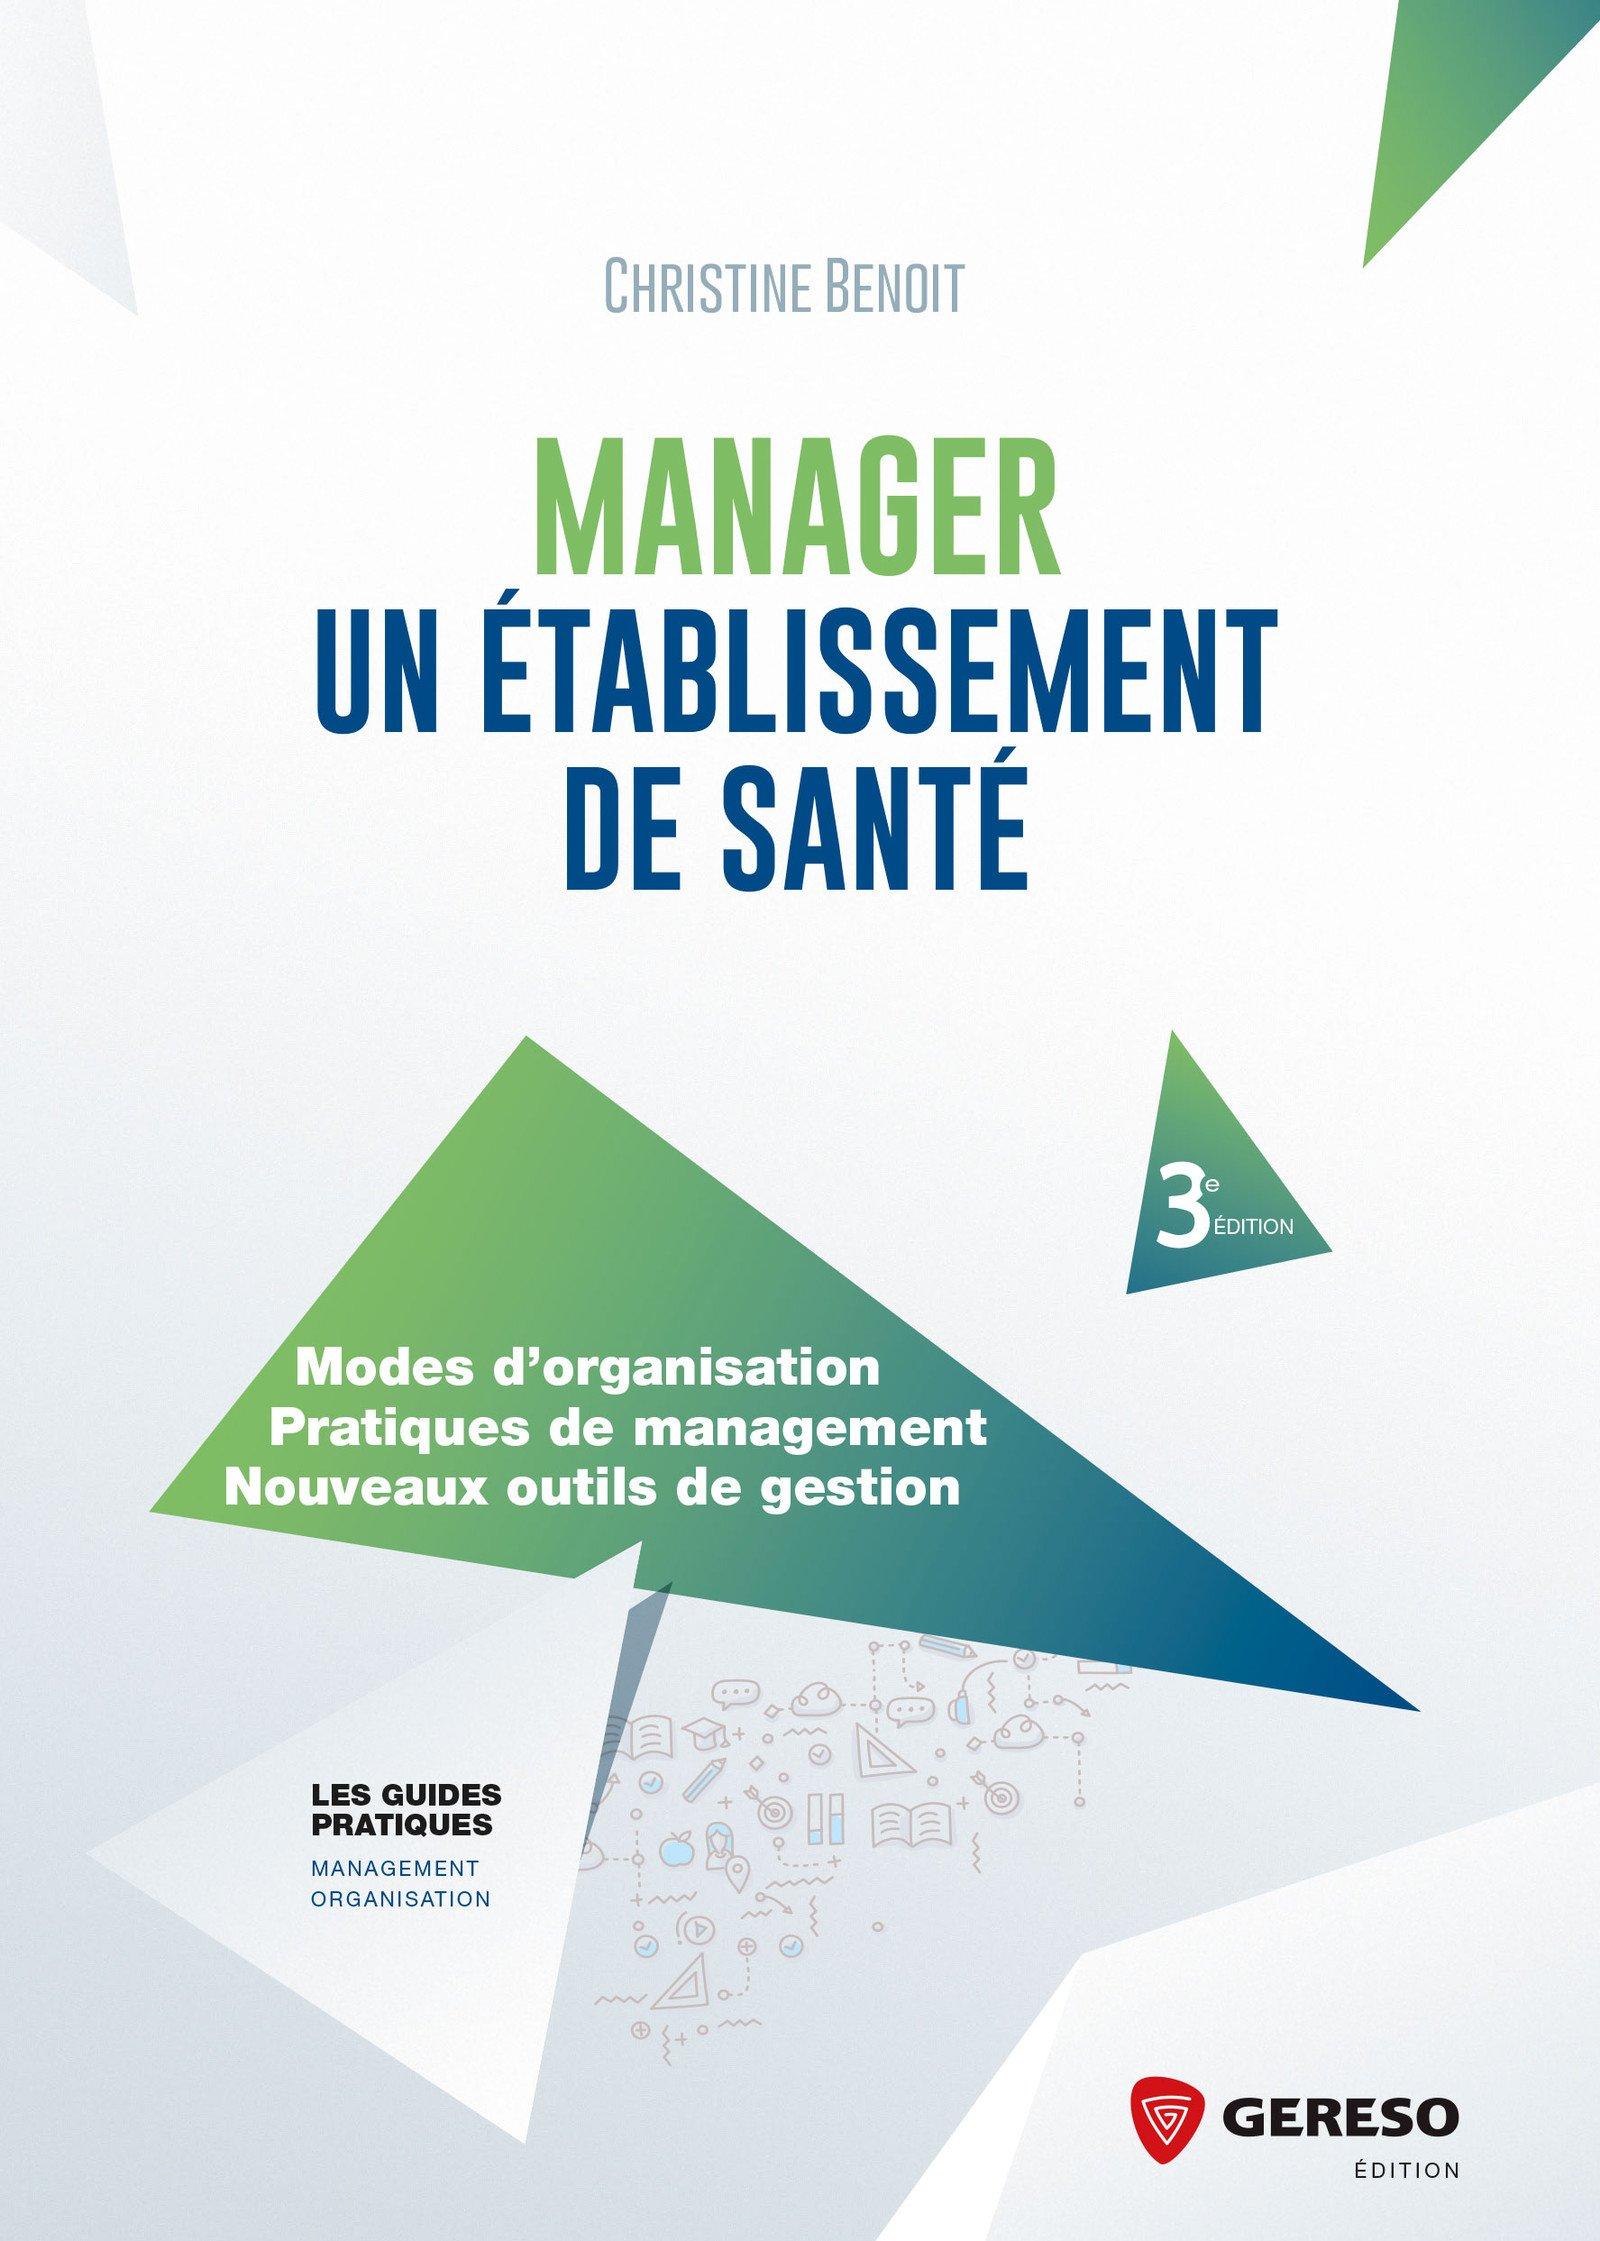 télécharger MANAGER UN ÉTABLISSEMENT DE SANTÉ : MODES D'ORGANISATION - PRATIQUES DE MANAGEMENT - NOUVEAUX OUTILS DE GESTION